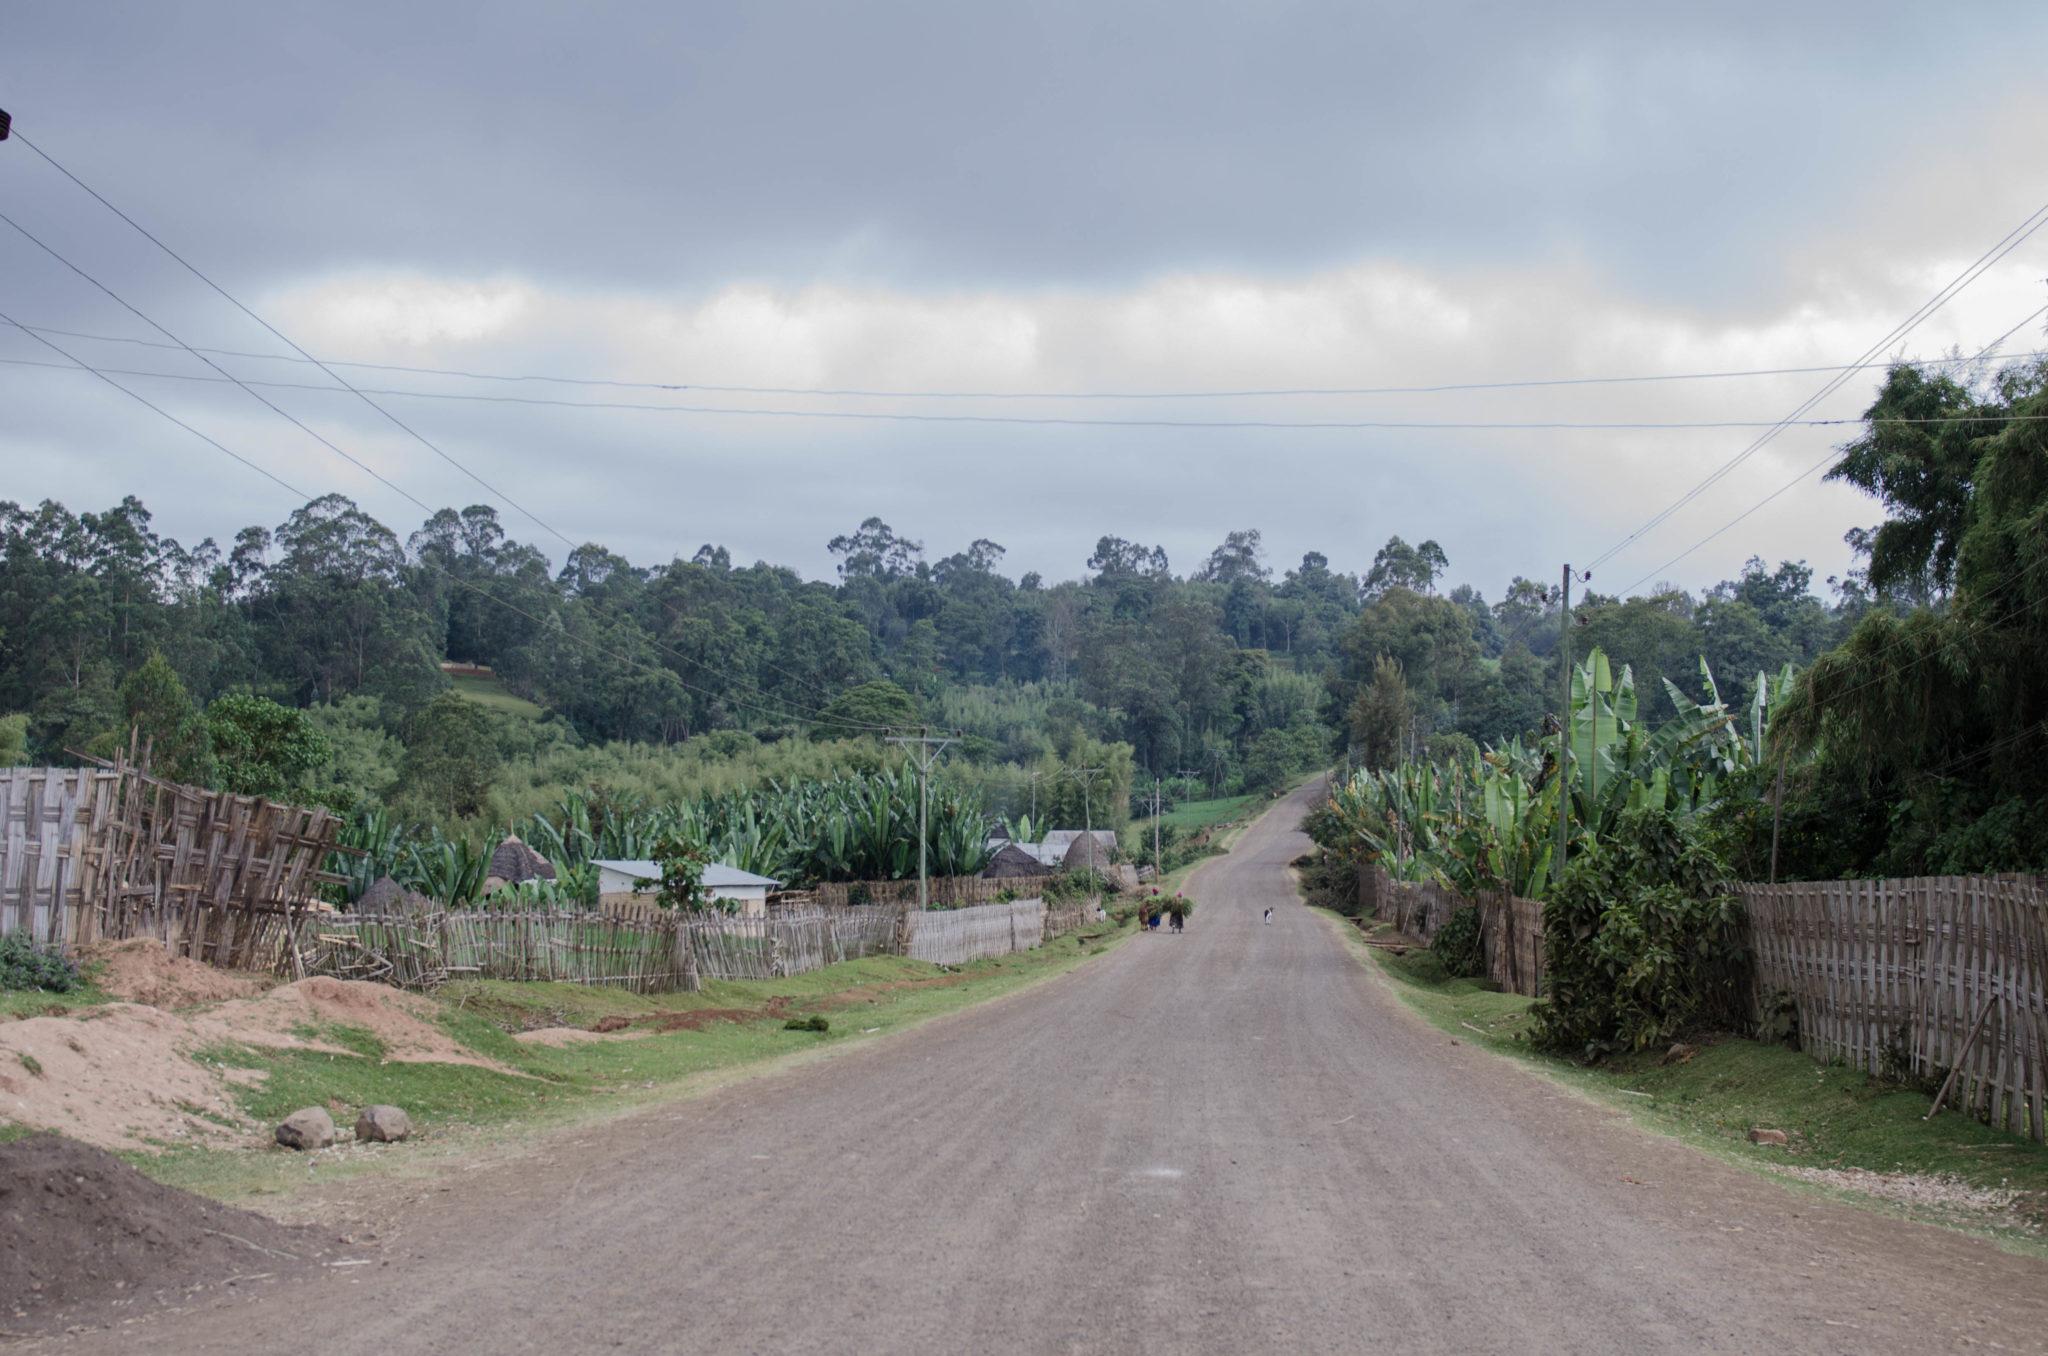 Ein Besuch im Dorze Dorf in Äthiopien beginnt mit einer langen Fahrt durch das Nichts.